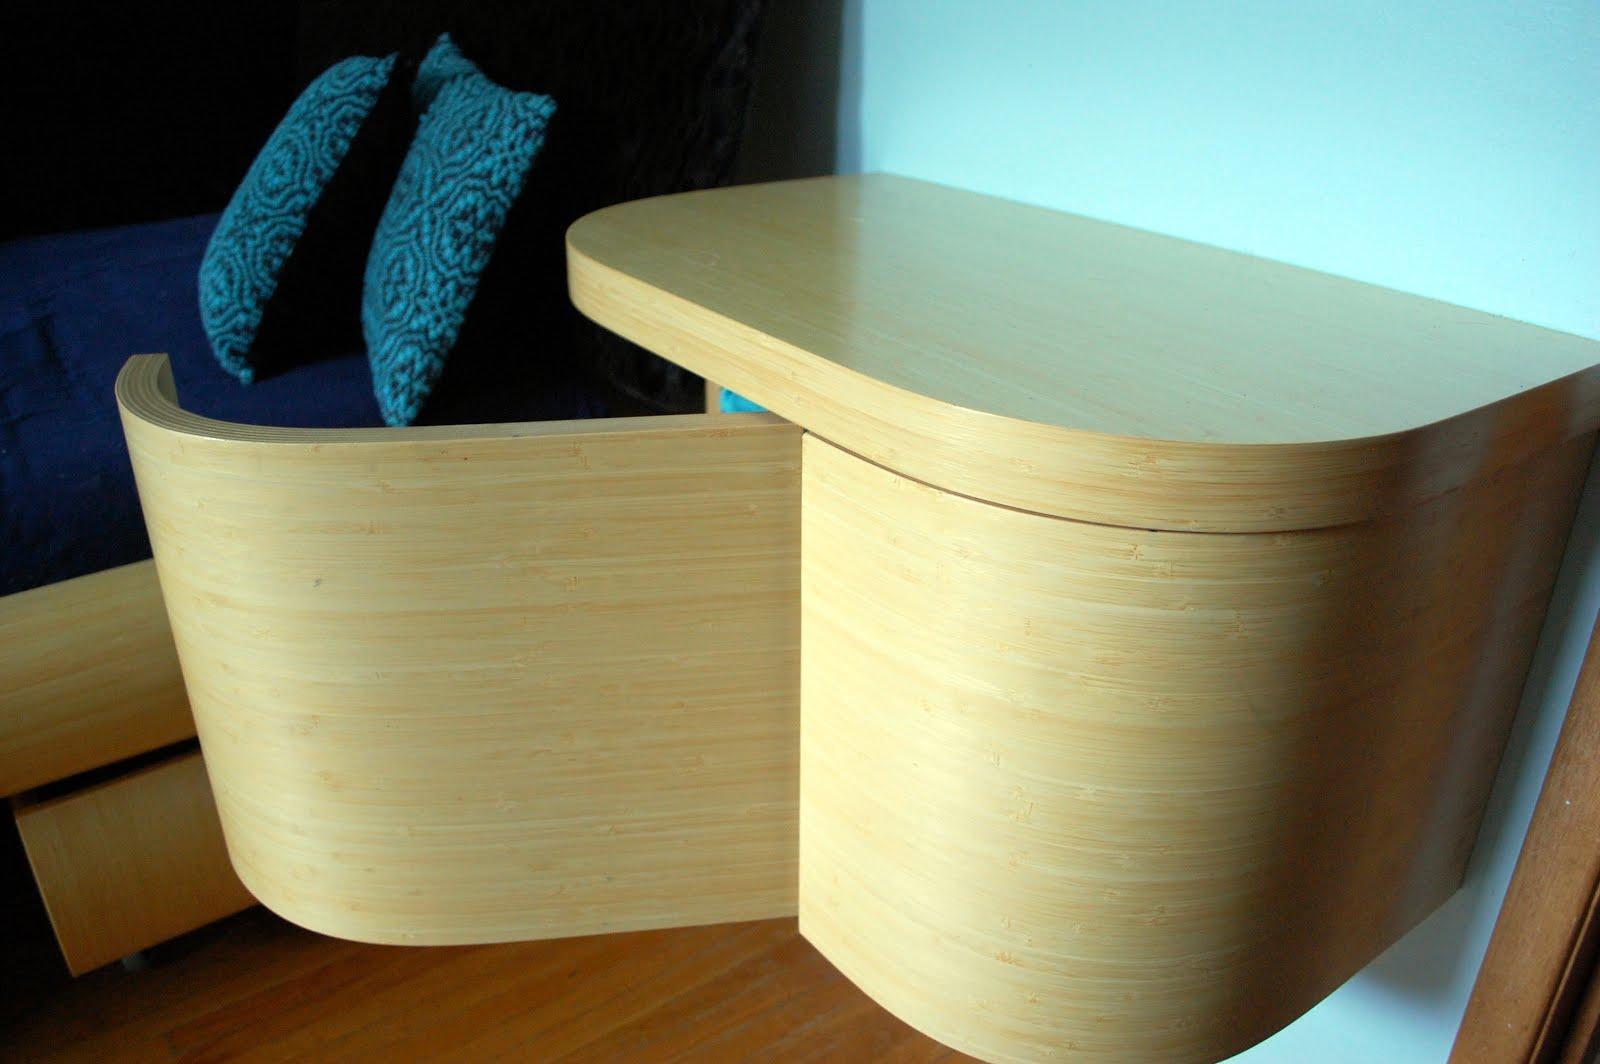 wall mounted bedside table vurv design. Black Bedroom Furniture Sets. Home Design Ideas